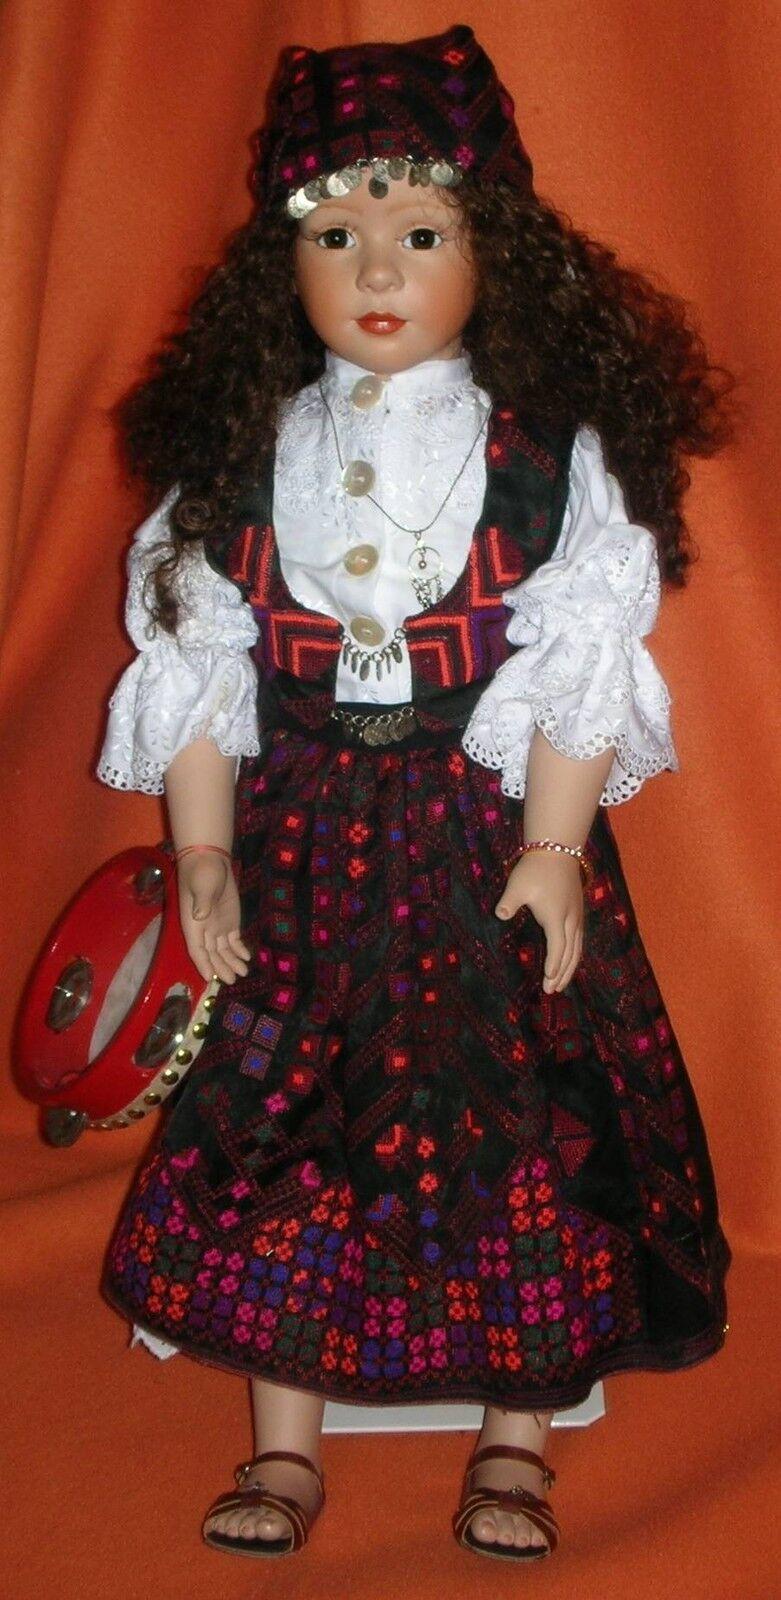 Zigeunerin Künstlerpuppe Monogramm VS Zigeunermädchen Porzellan Puppe 69 cm